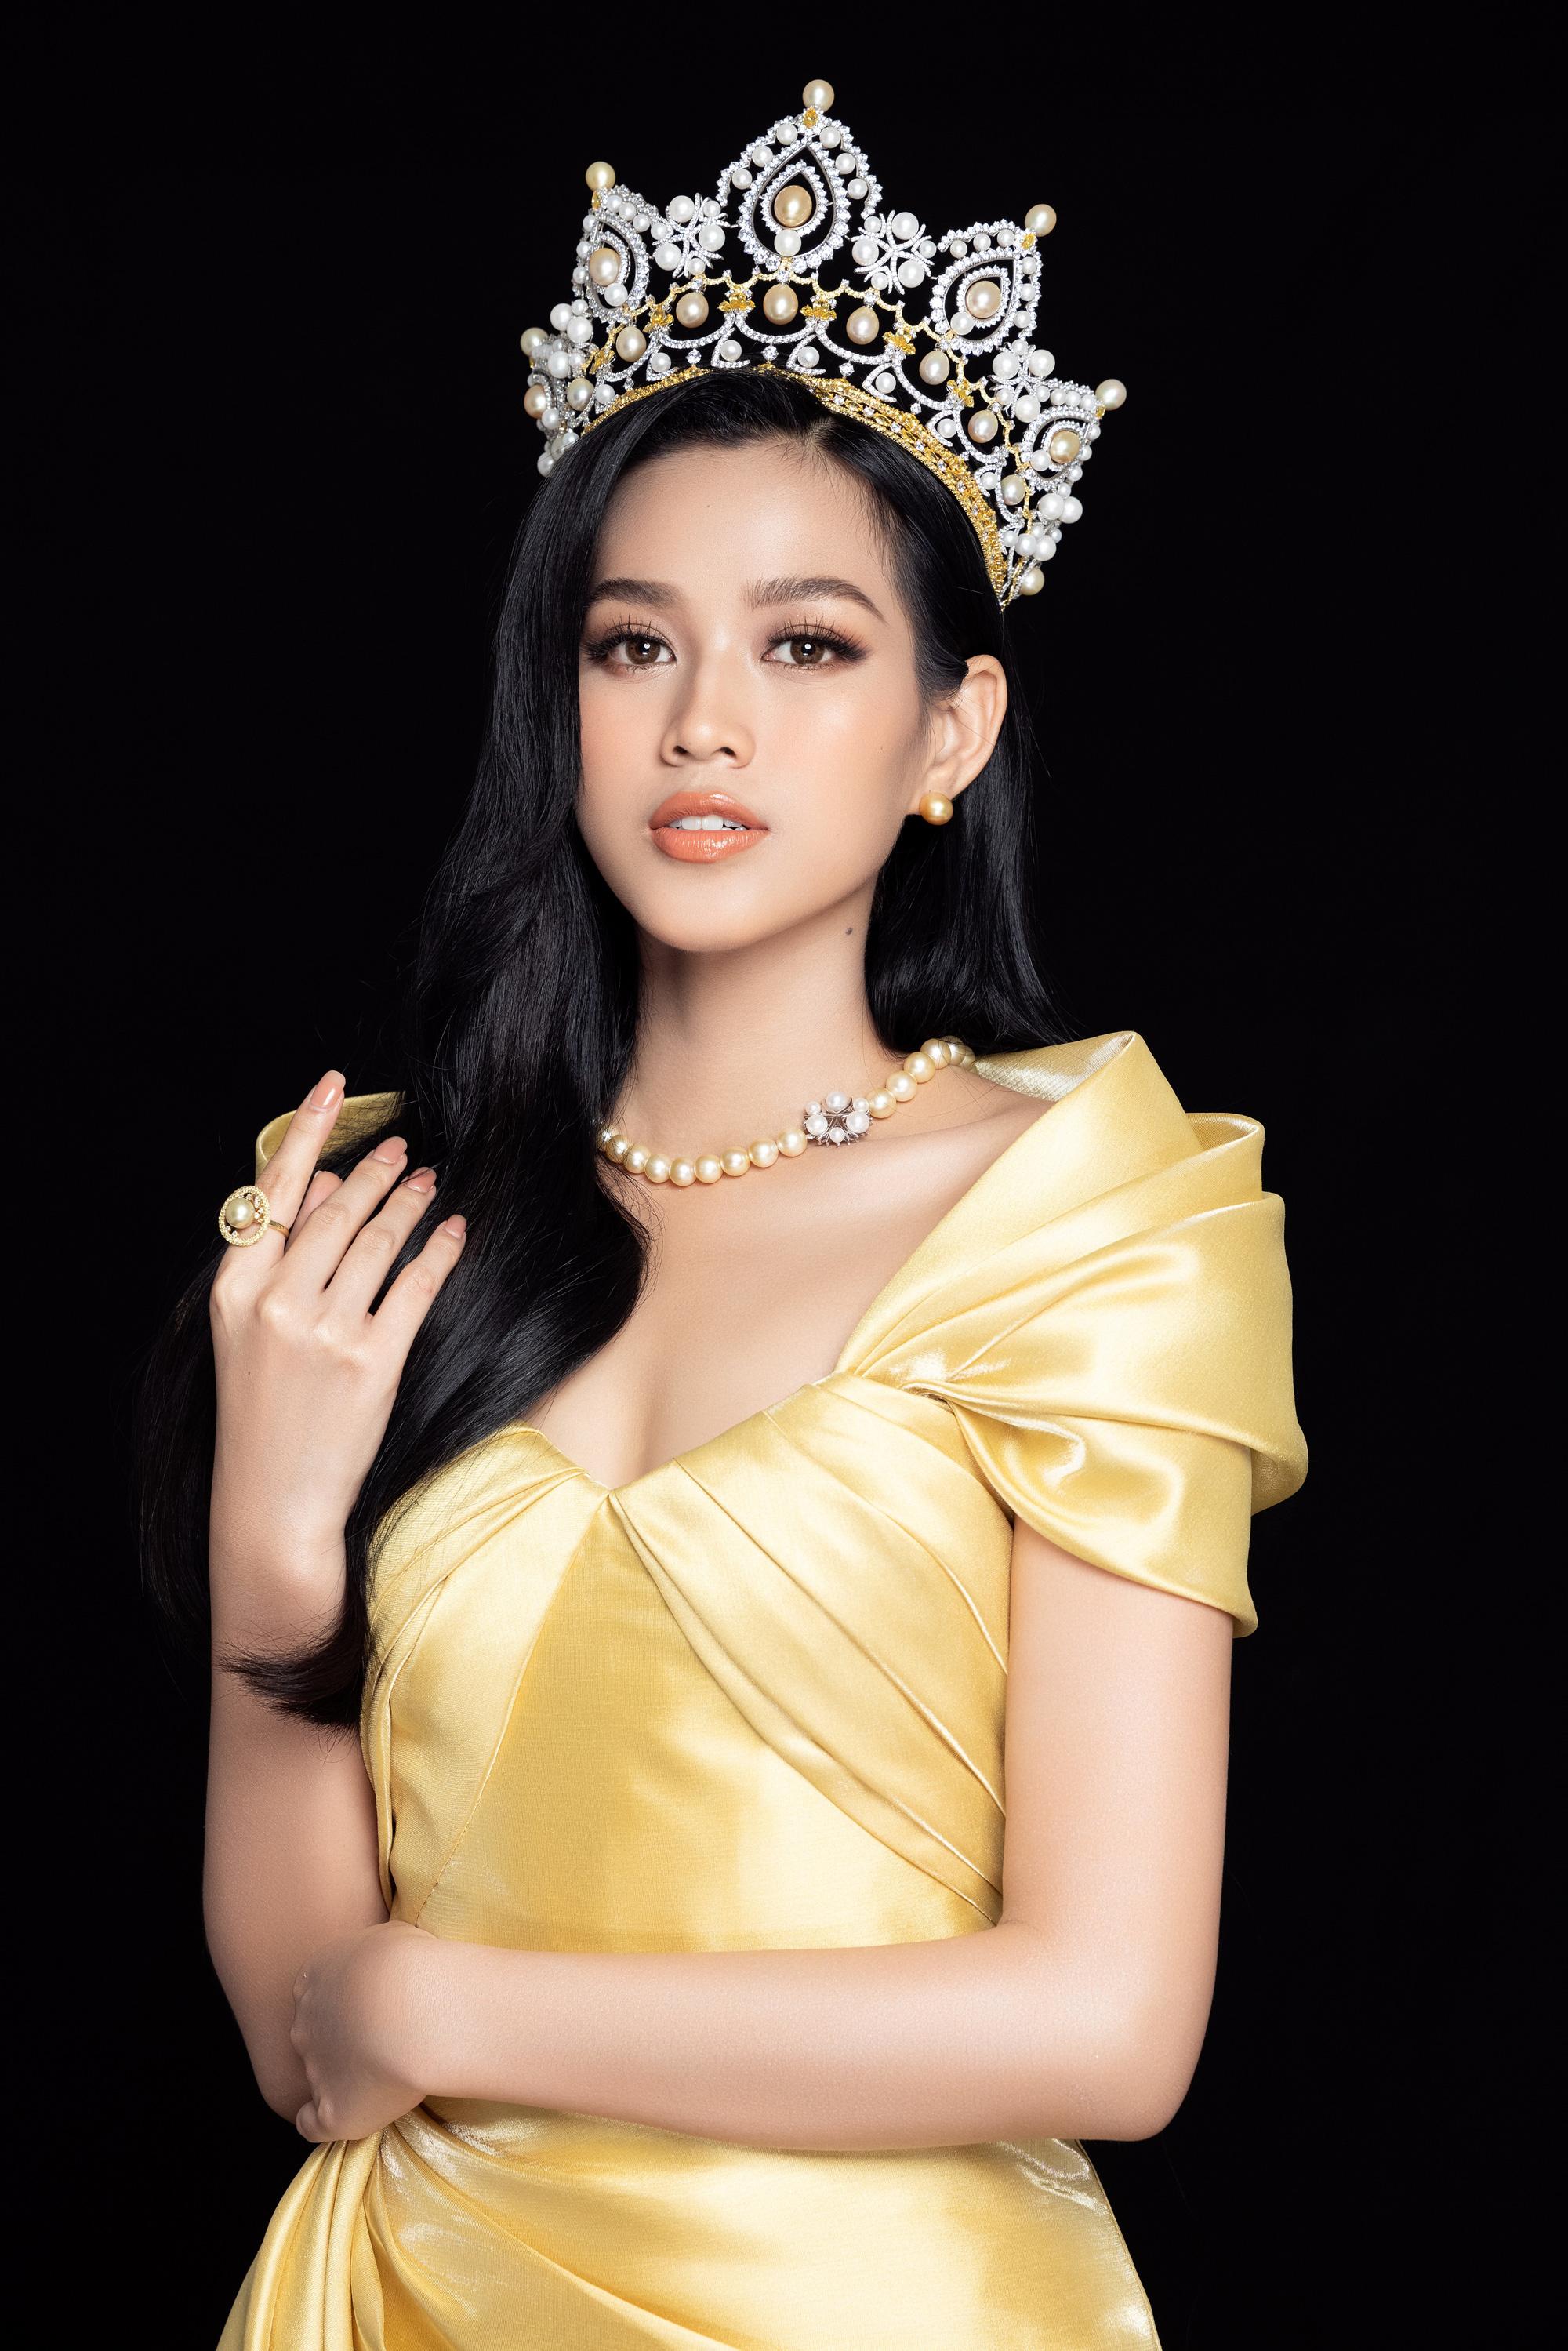 """Hoa hậu Đỗ Thị Hà: """"19 tuổi đăng quang, không phải là áp lực"""" - Ảnh 6."""